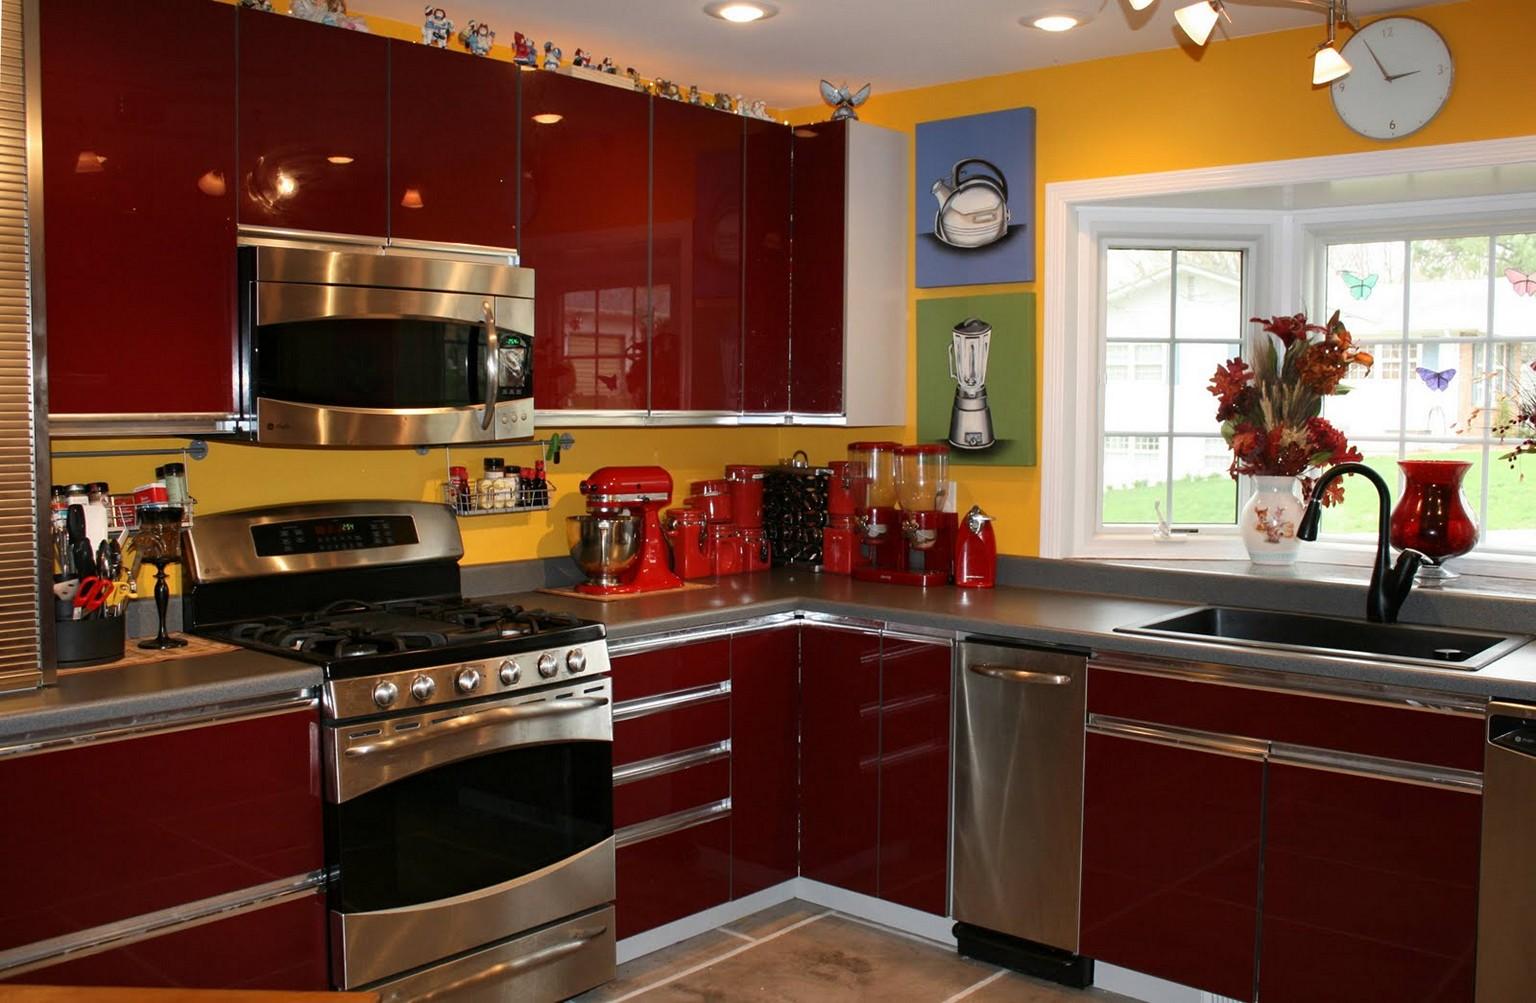 décoration de cuisine rouge et jaune